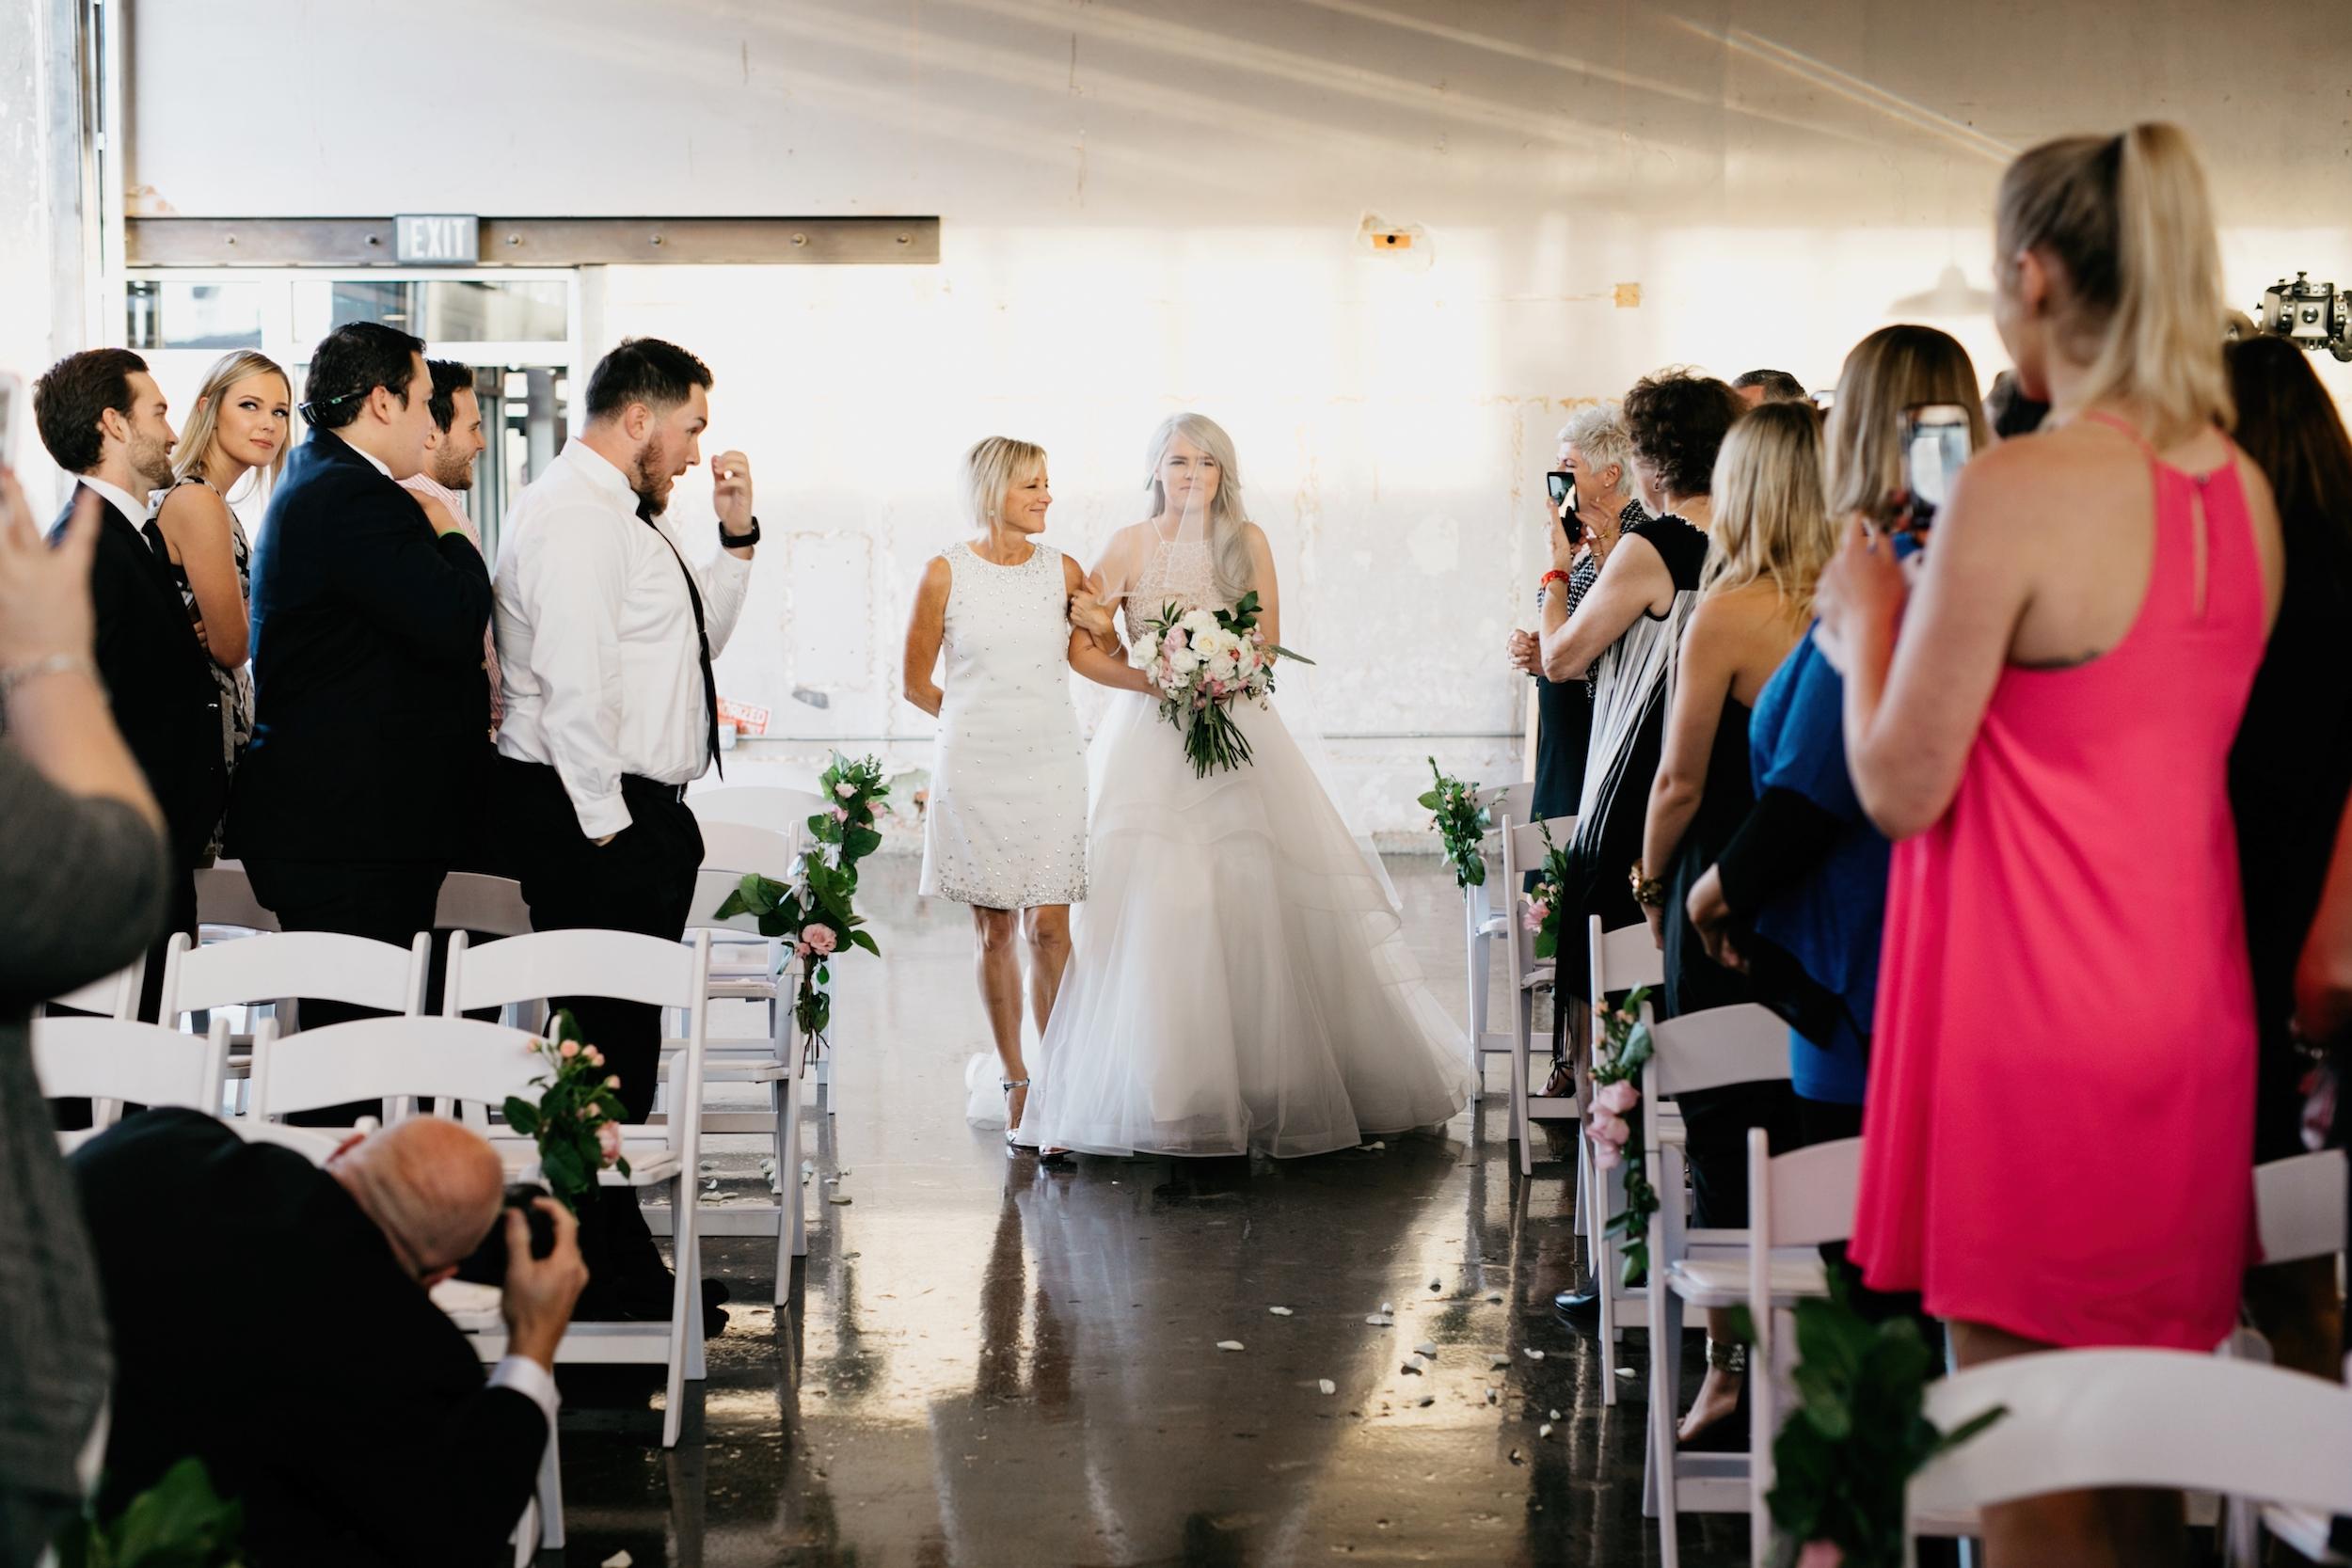 arizona - wedding - photography 01561.jpg